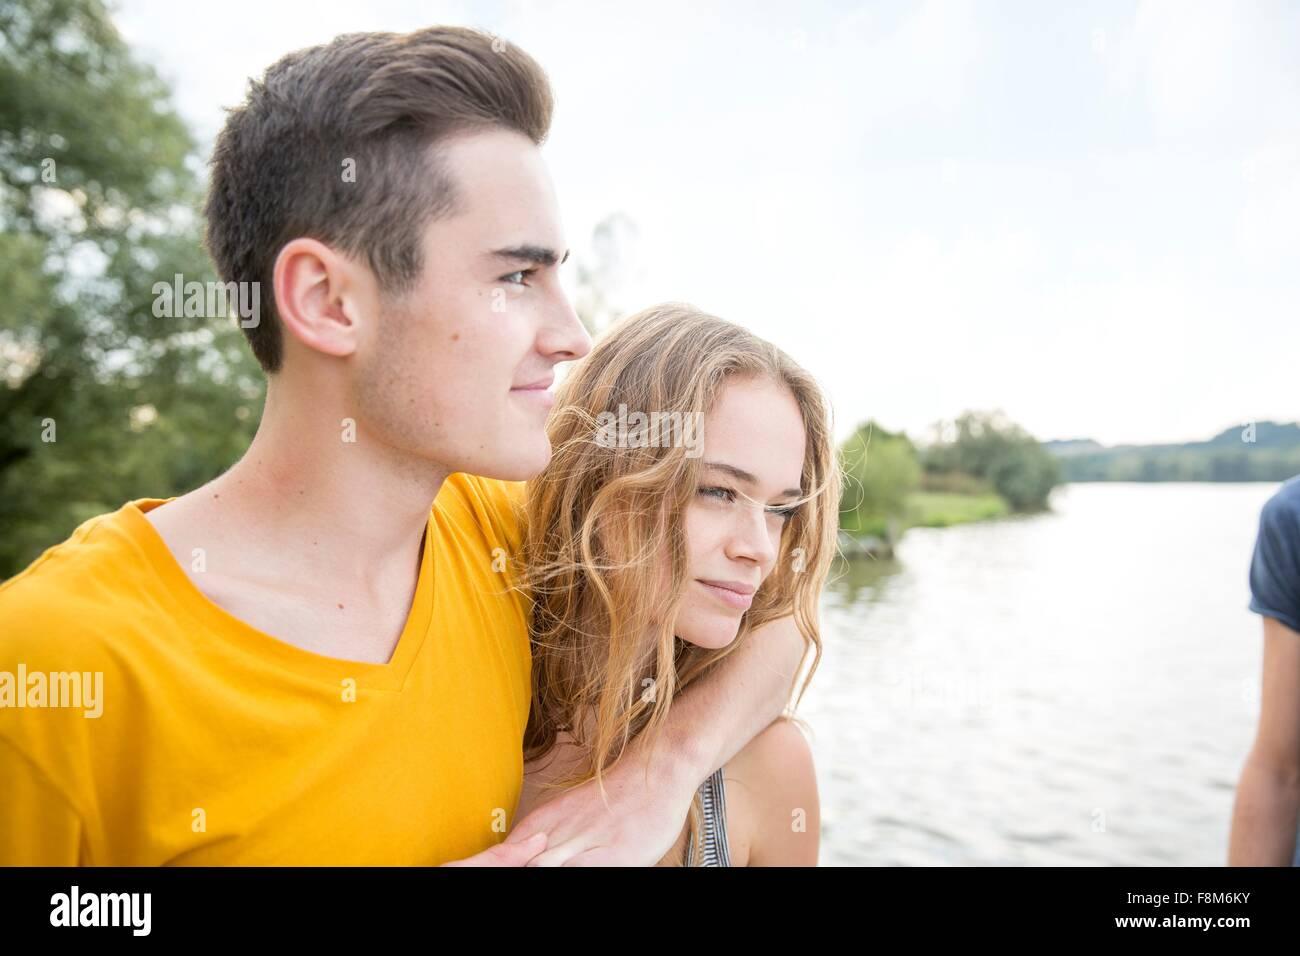 Coppia giovane accanto al lago, guardando a vista Immagini Stock